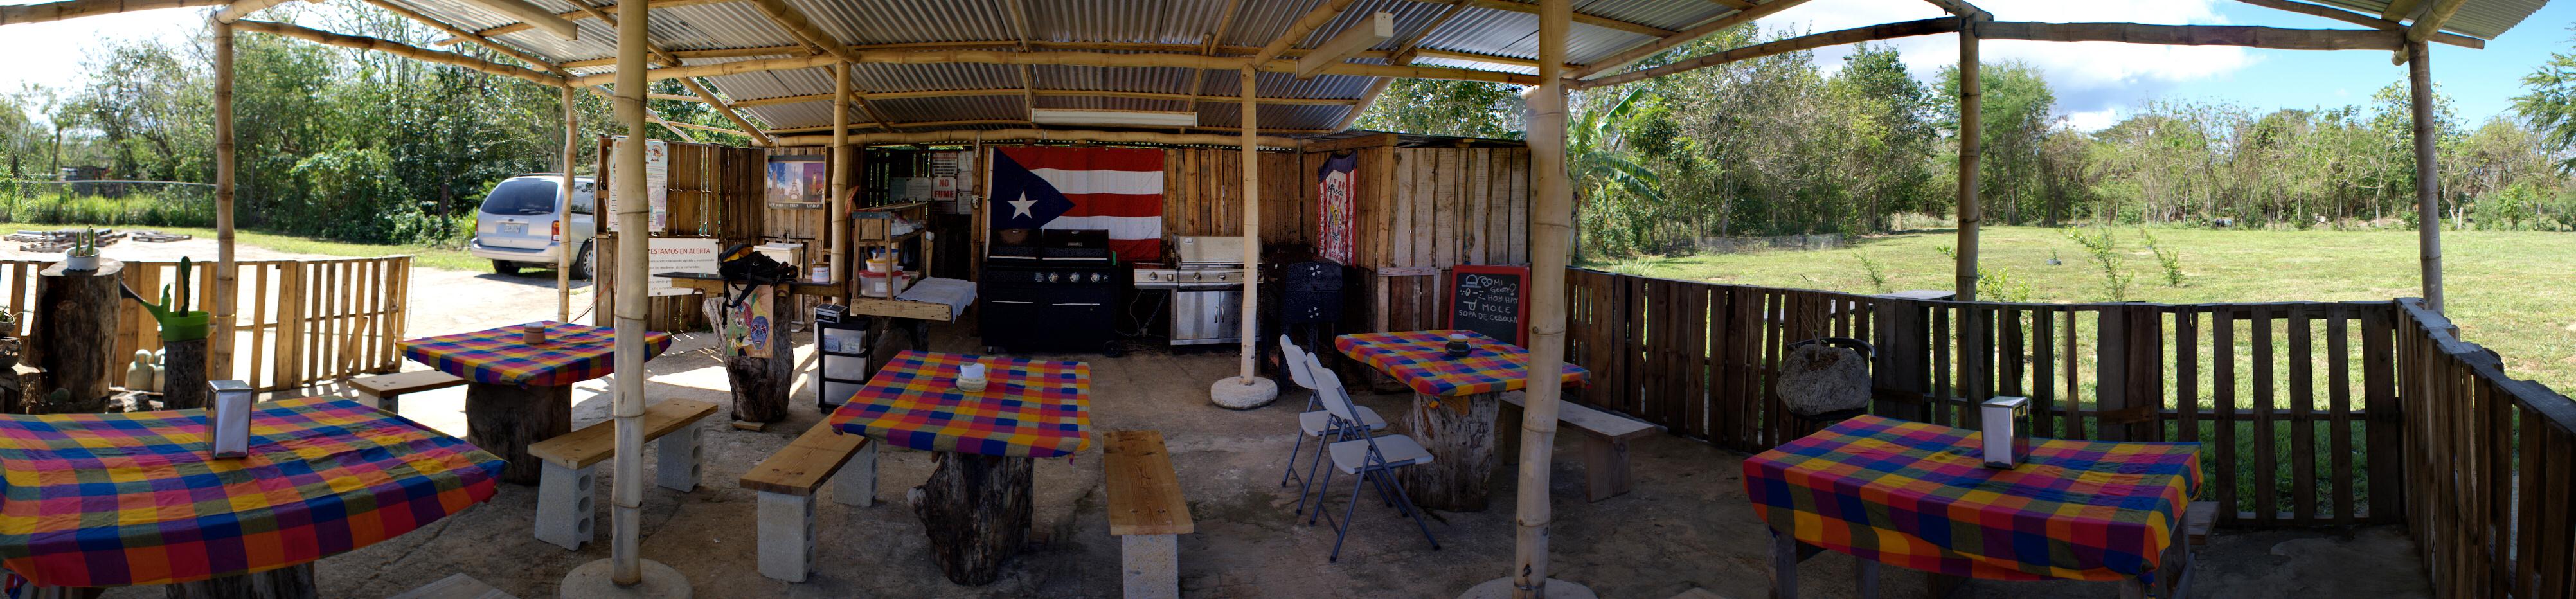 El Carnal antojitos mexicanos